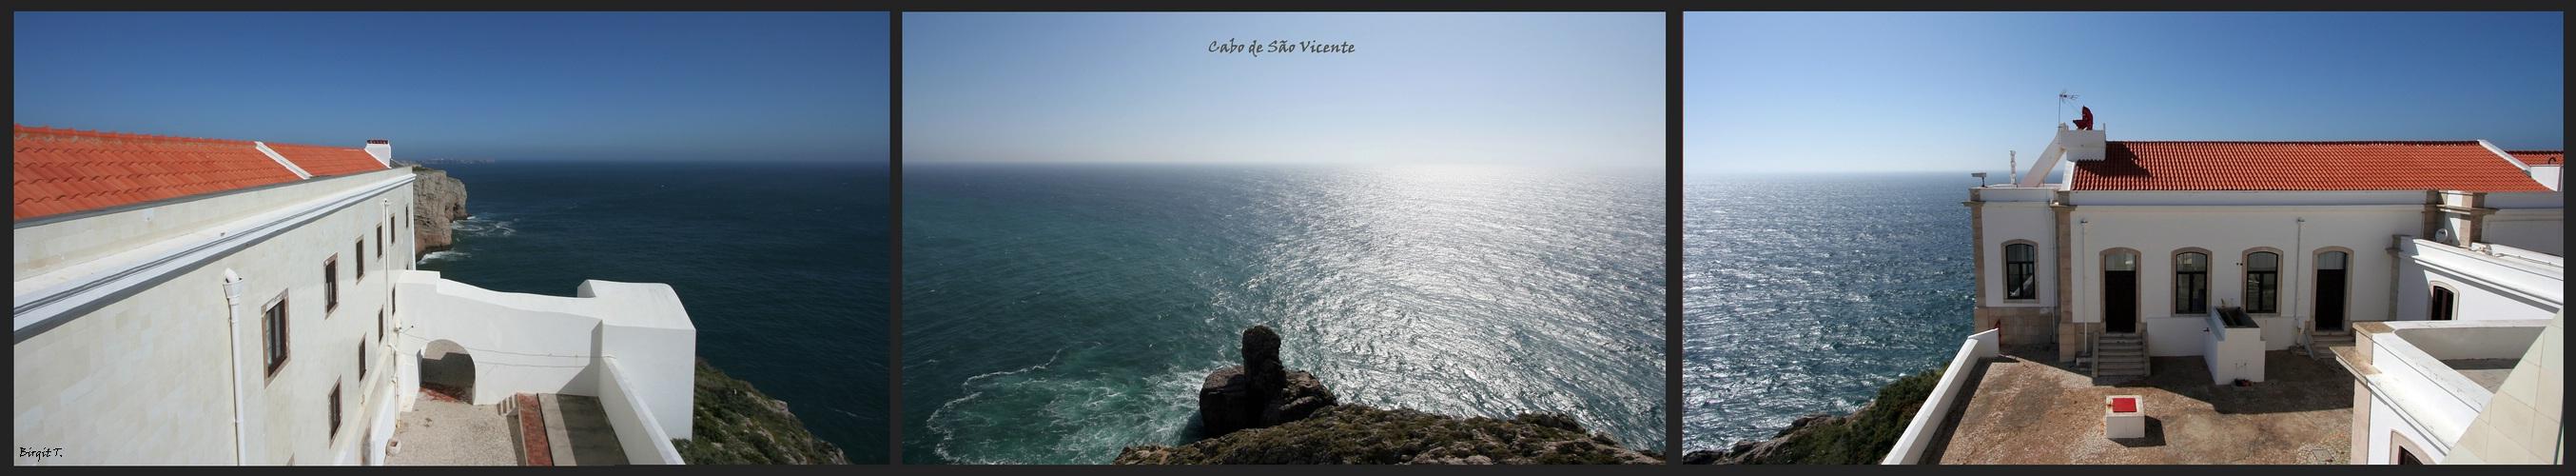 Cabo de São Vicente - Hinter dem Turm